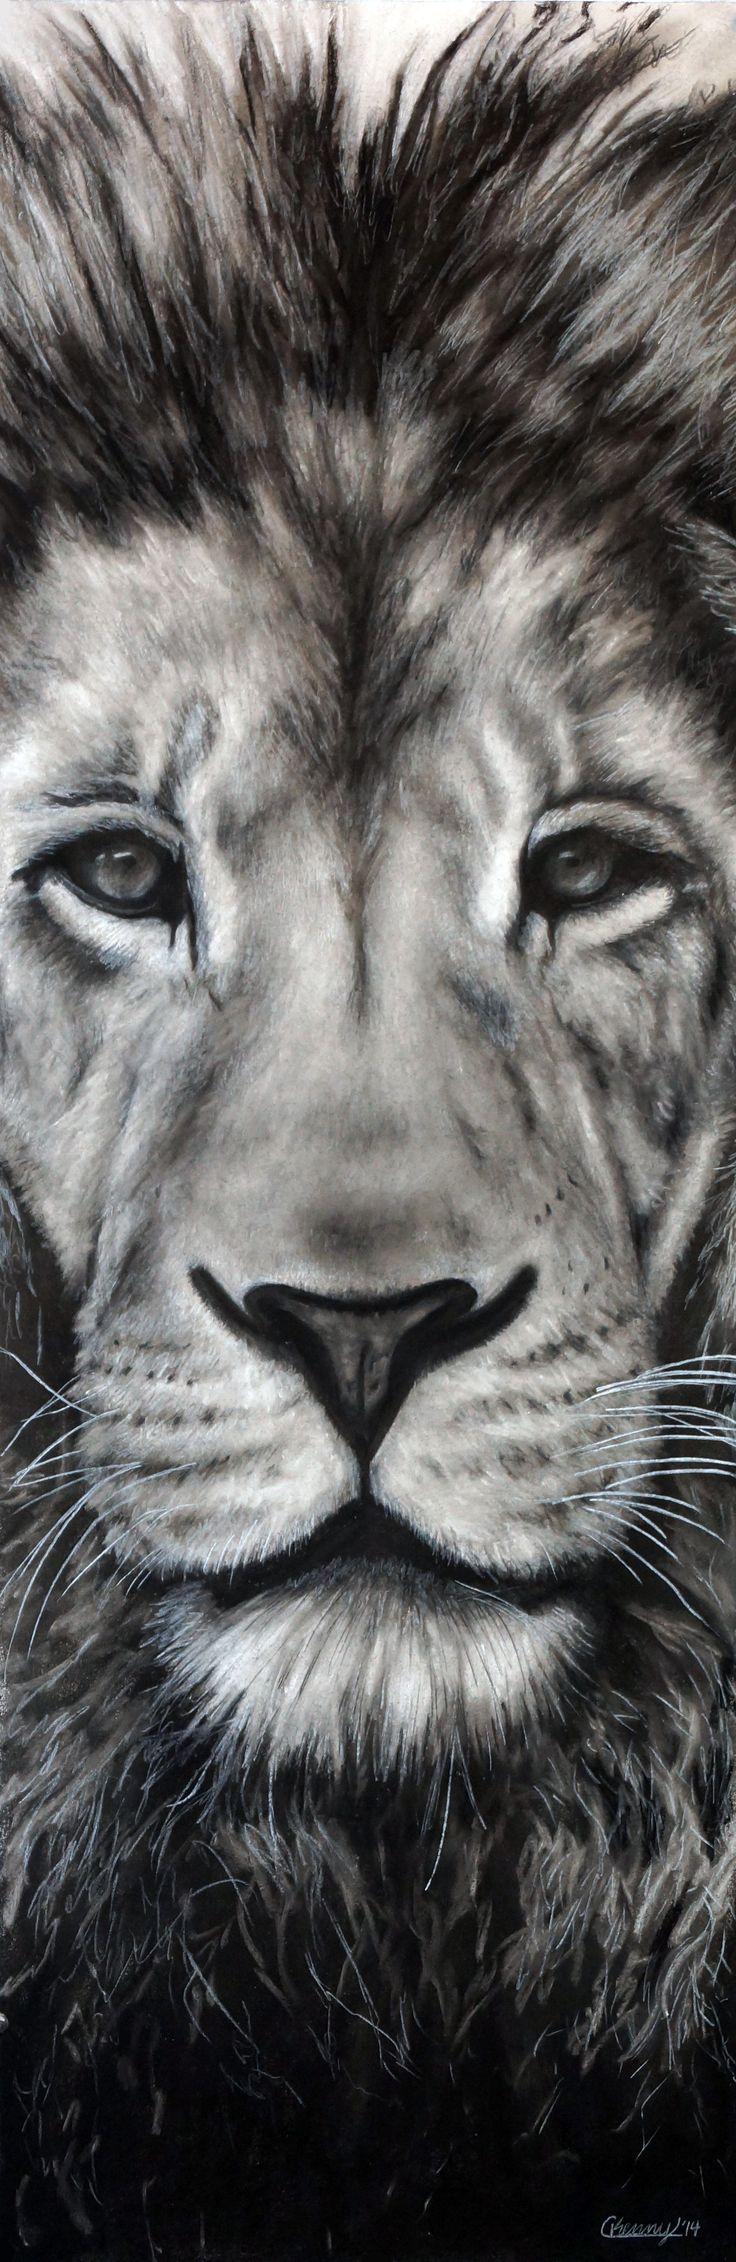 magnifique dessin réaliste d'un lion